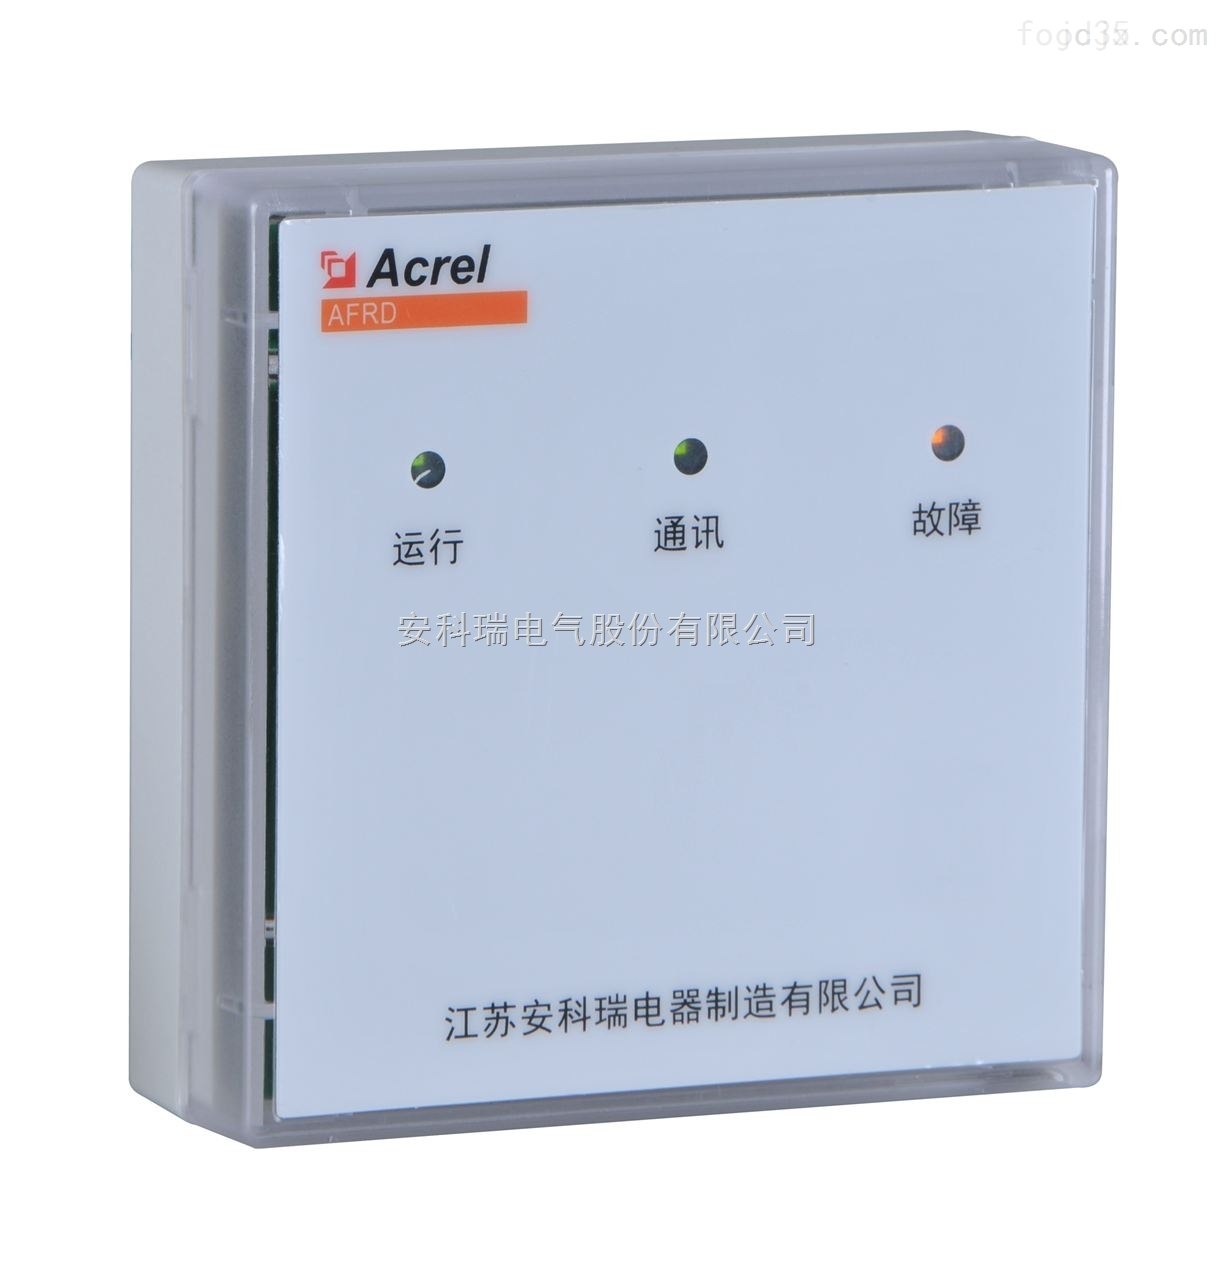 安科瑞电气 AFRD-CB1 防火门监控模块 常闭Acrel 单扇